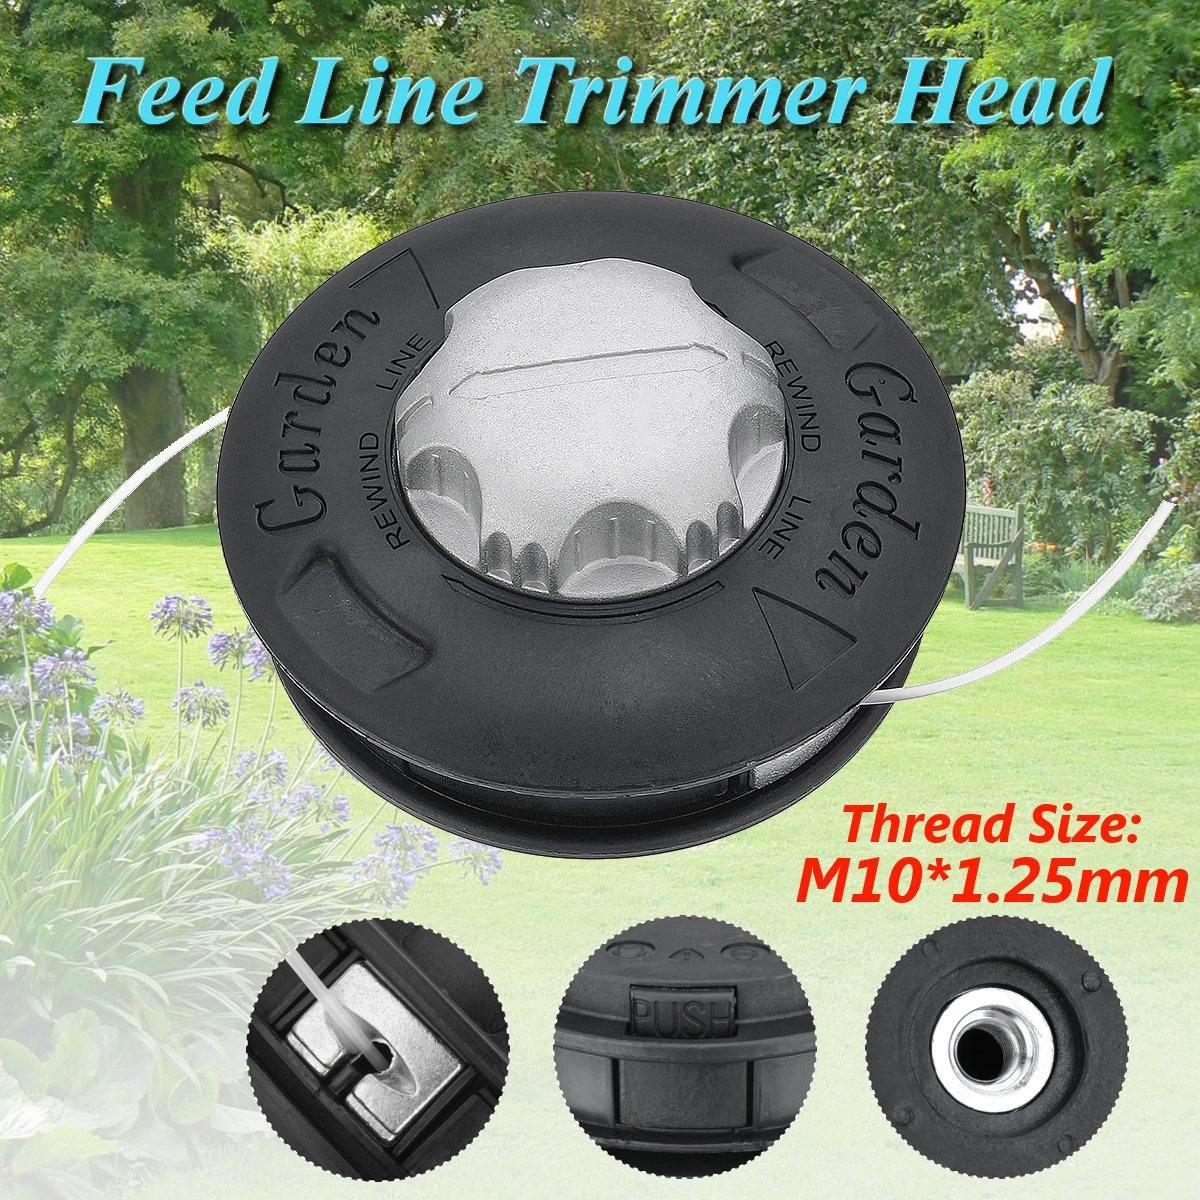 Alminum Abs Grass Trimmer Head M10x1.25 Nylon Brush Mower Bump Spool 2 Lines Cutter Head Thread Line String Saw Grass